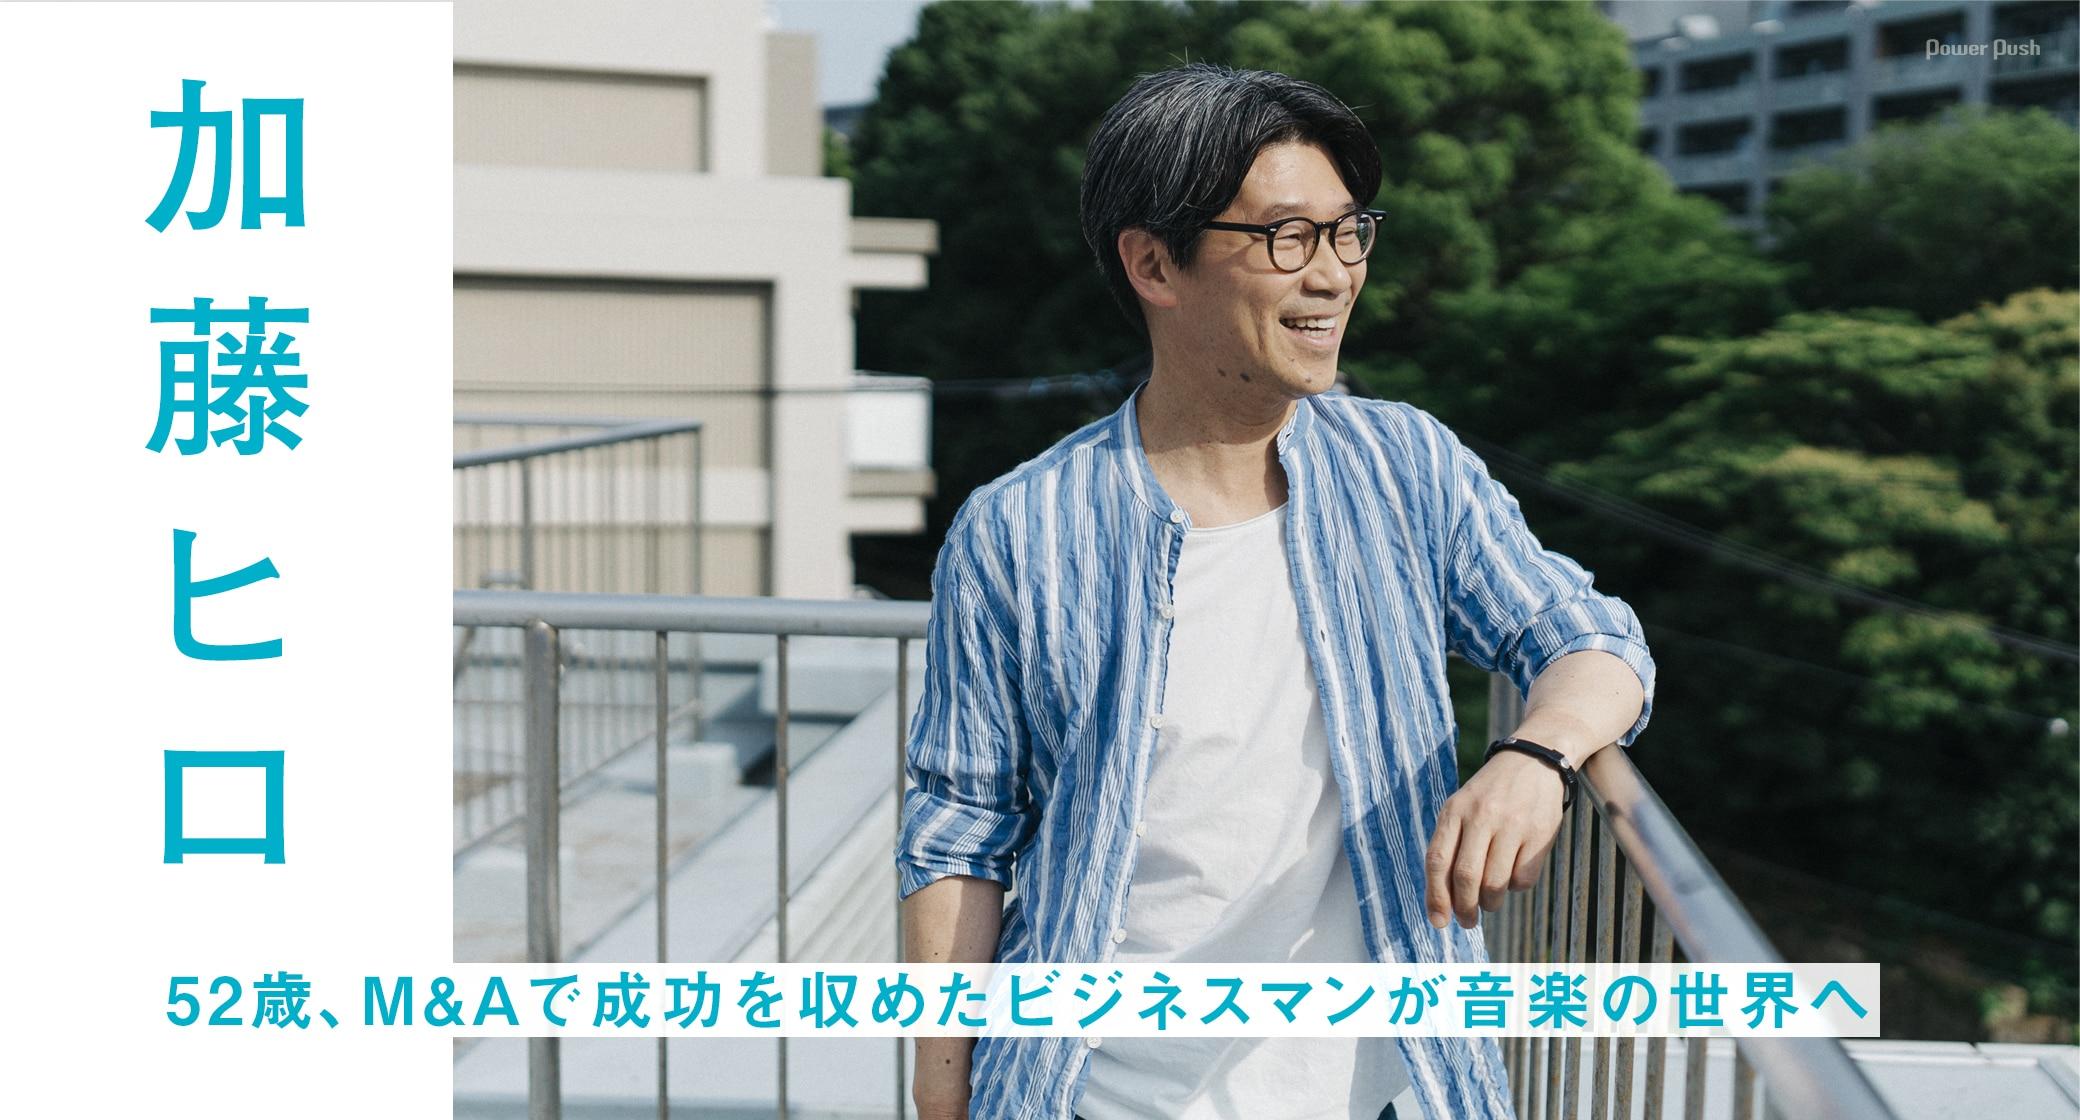 加藤ヒロ 52歳、M&Aで成功を収めたビジネスマンが音楽の世界へ